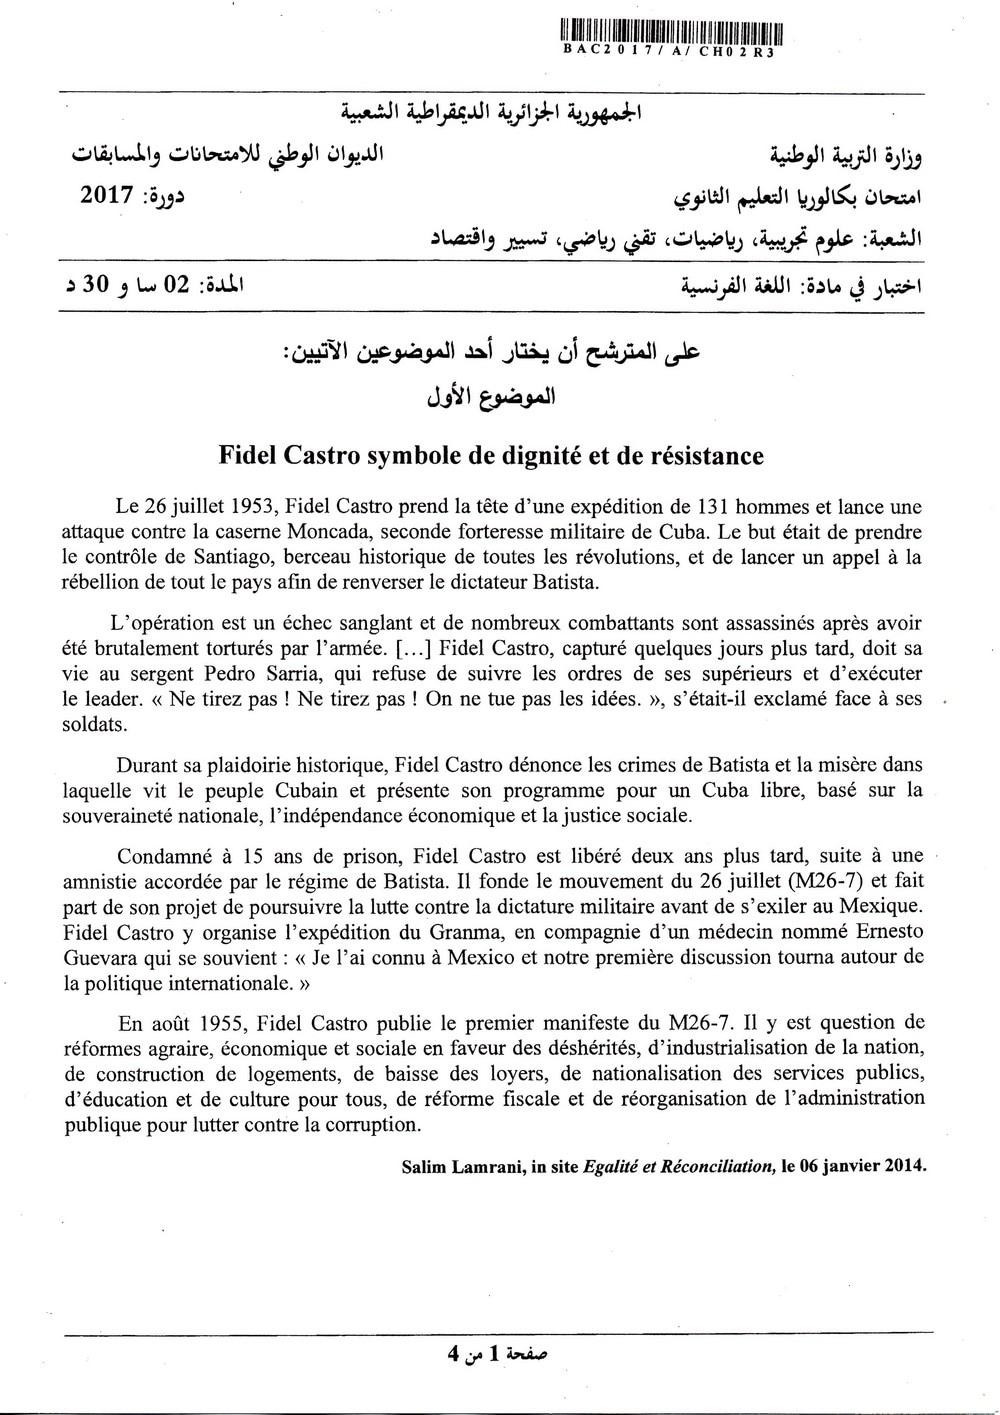 شهادة البكالوريا 2016 المواضيع و التصحيحات شعبة الرياضيات French-sci-bac2017-page-1_1_orig